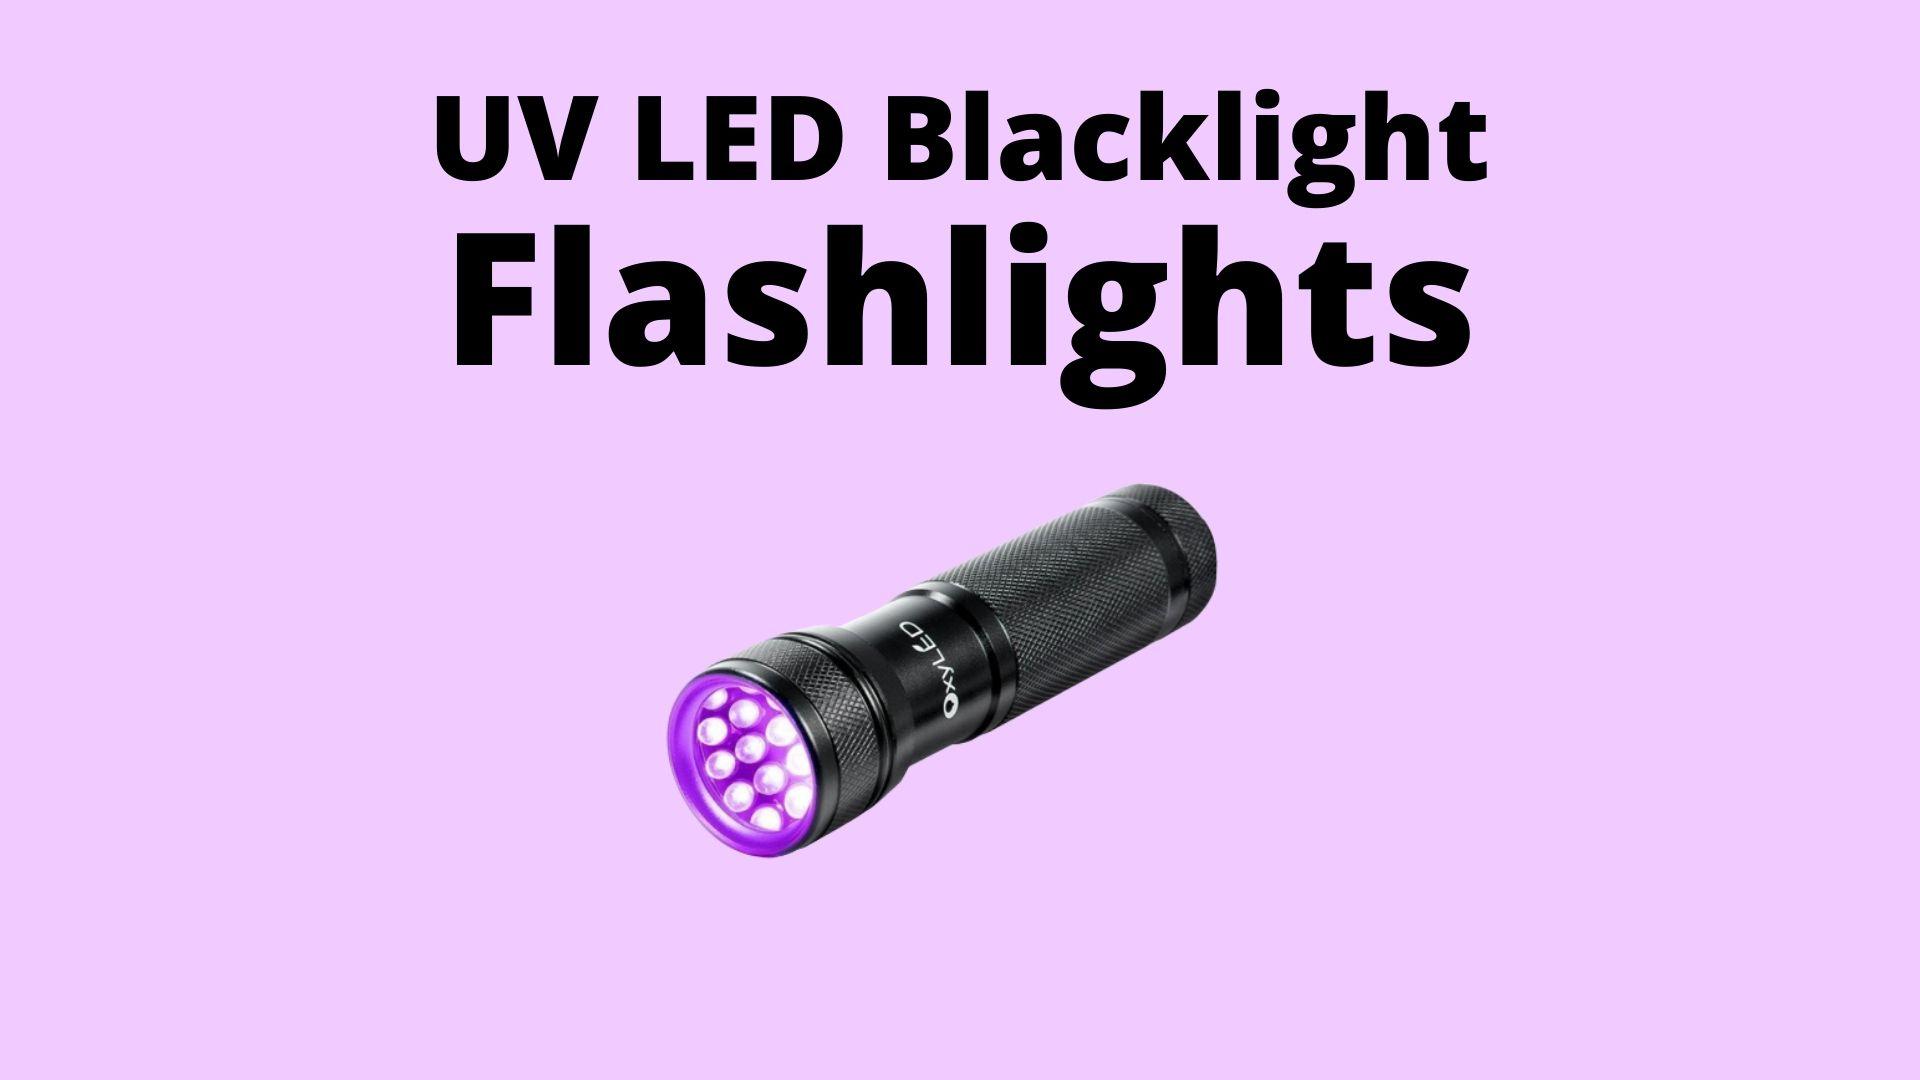 LED Blacklight Flashlights